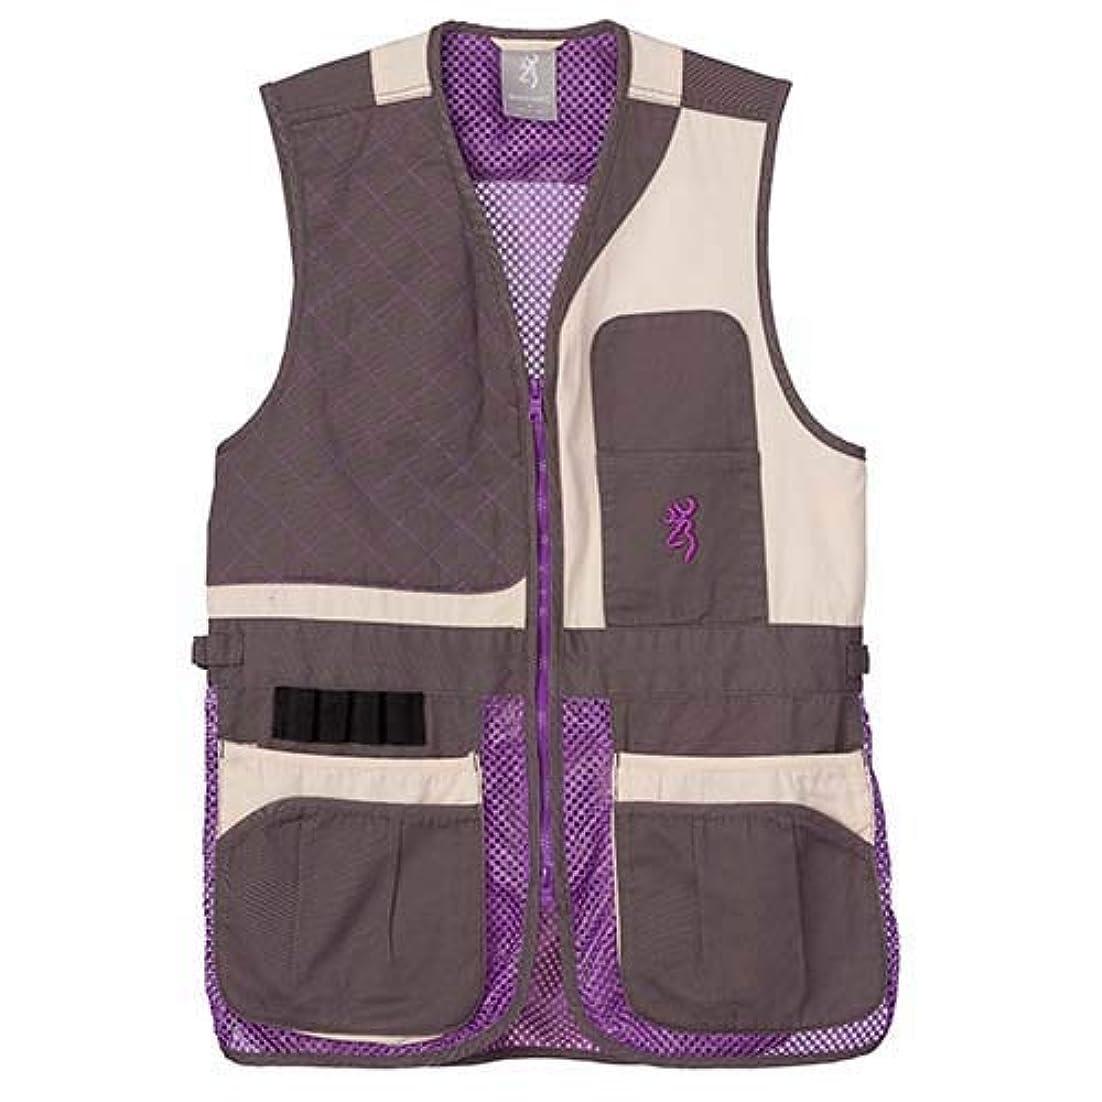 通信網クルーリースBrowningレディースTrapper CreekメッシュShooting vest-cream/Plum/グレー